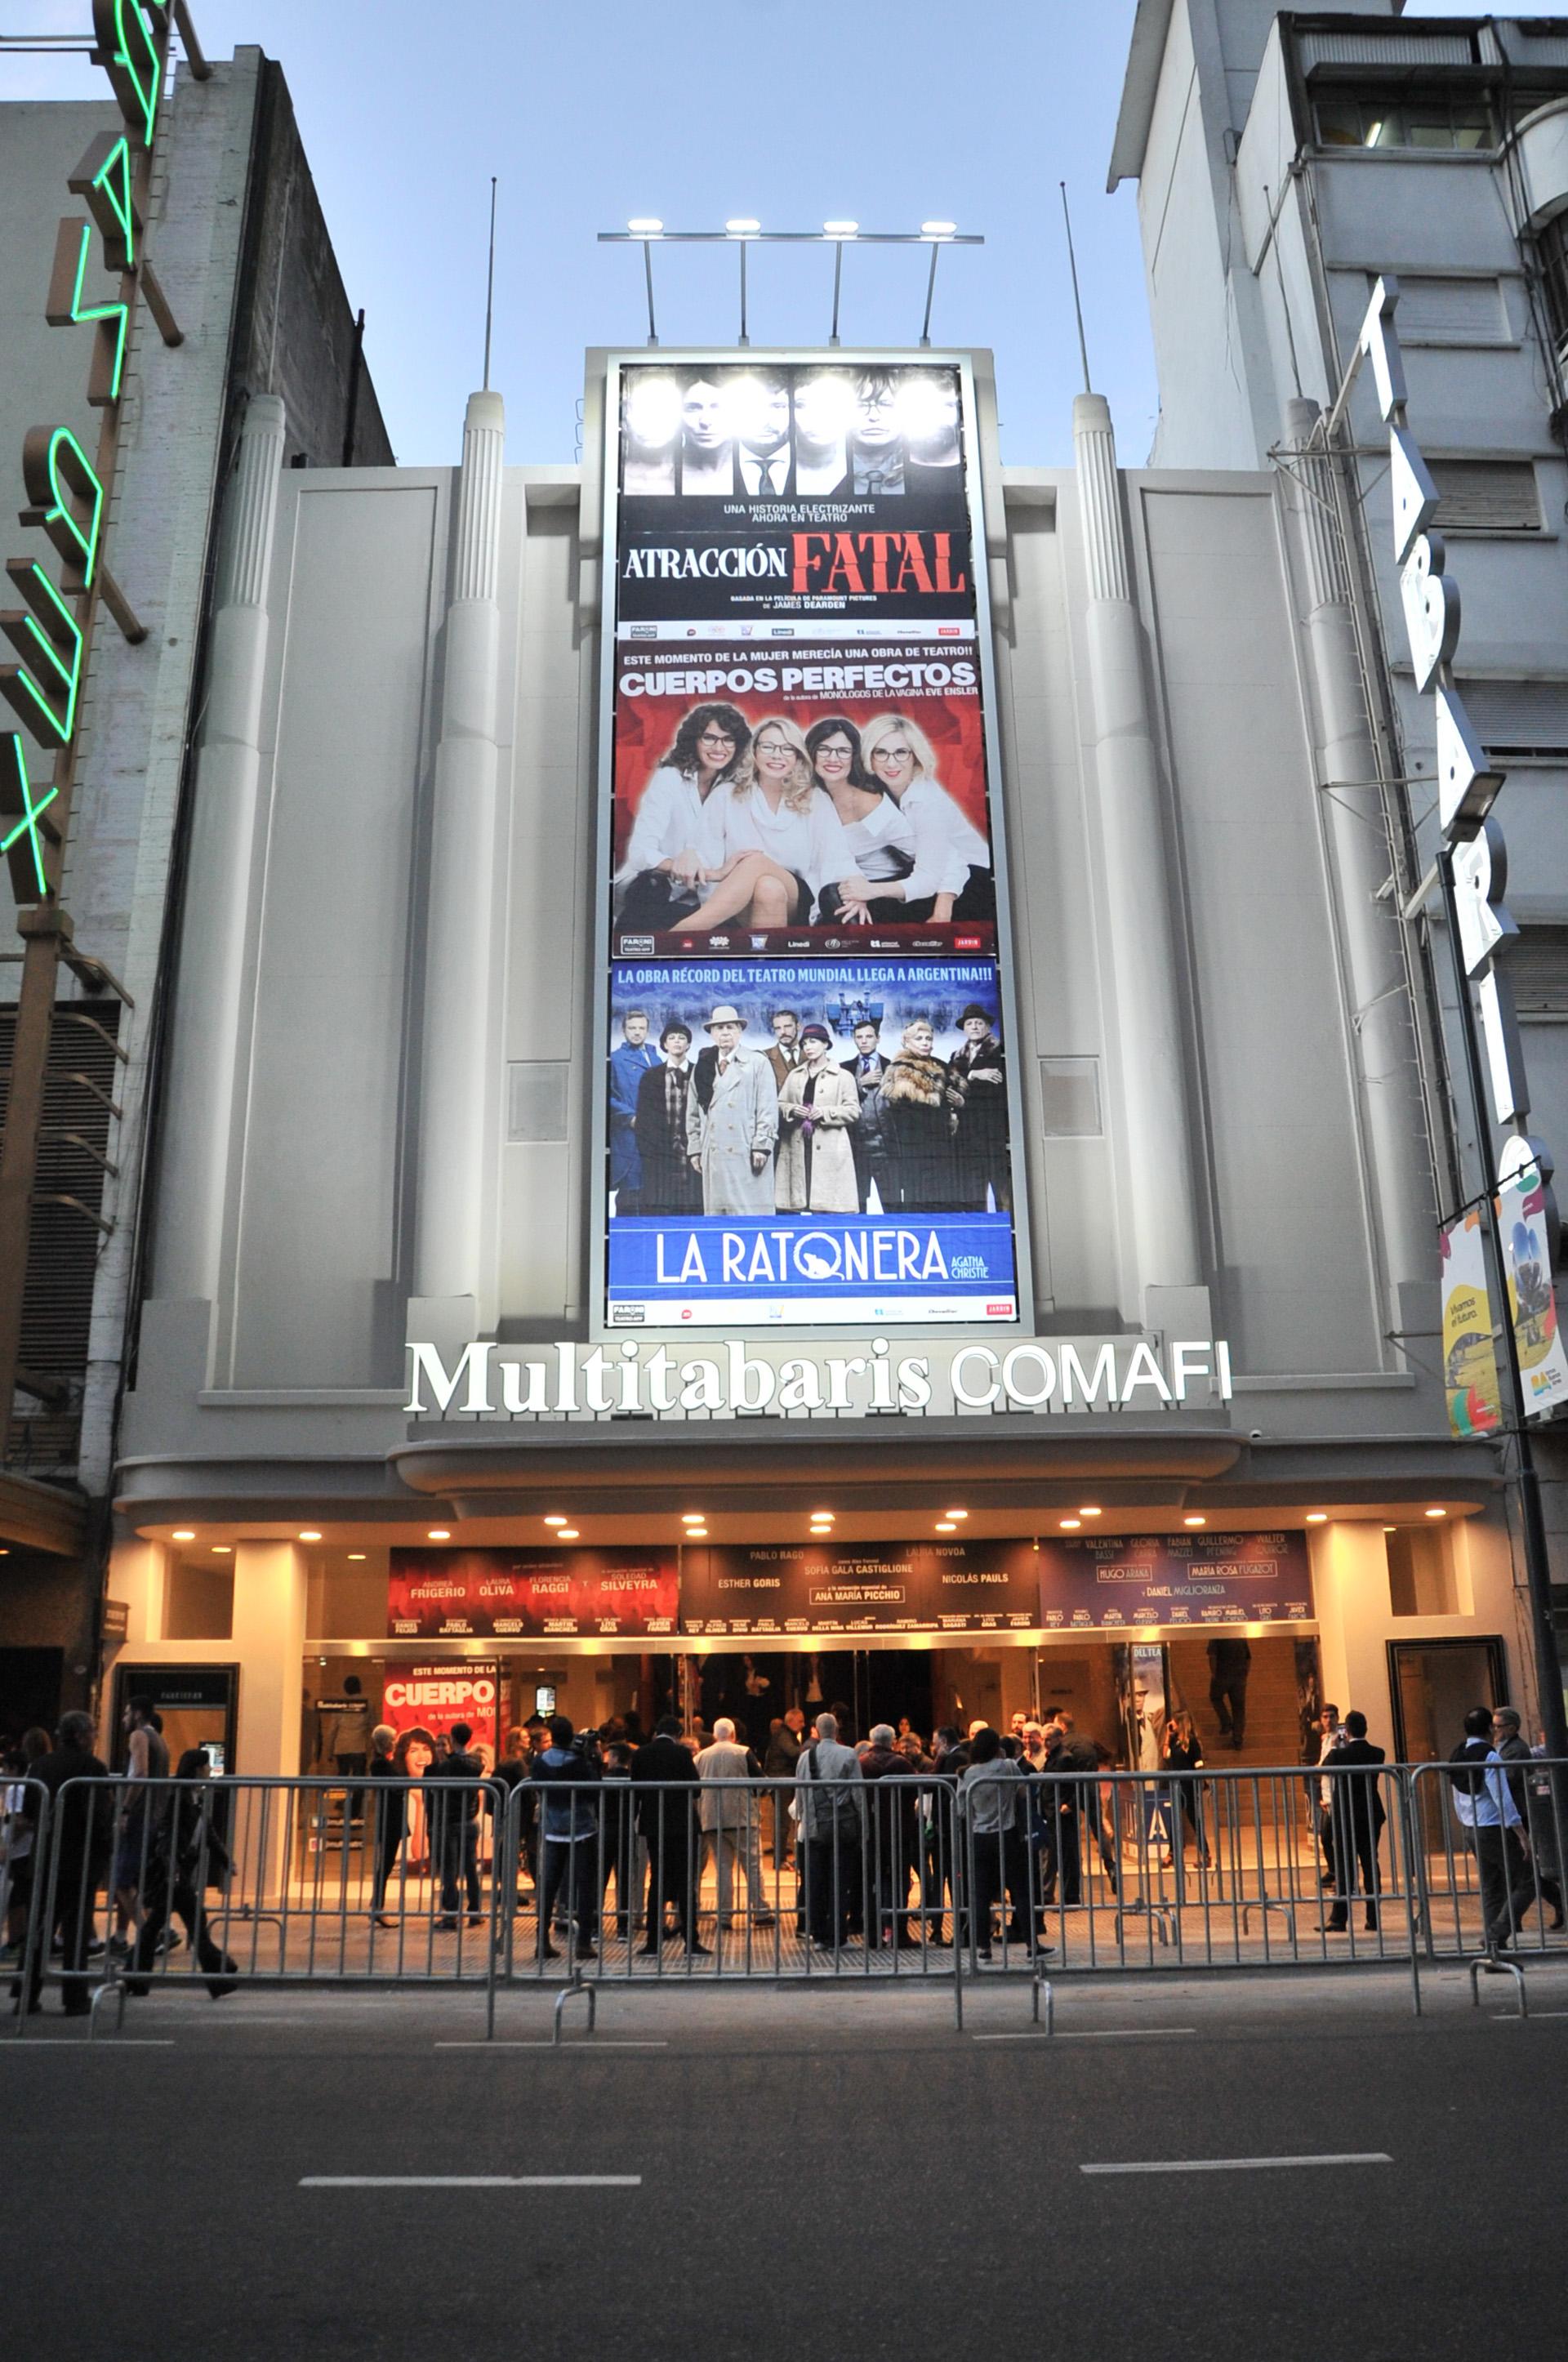 Así lució la entrada del reinaugurado teatro, que albergará tres espectáculos en sus nuevas salas